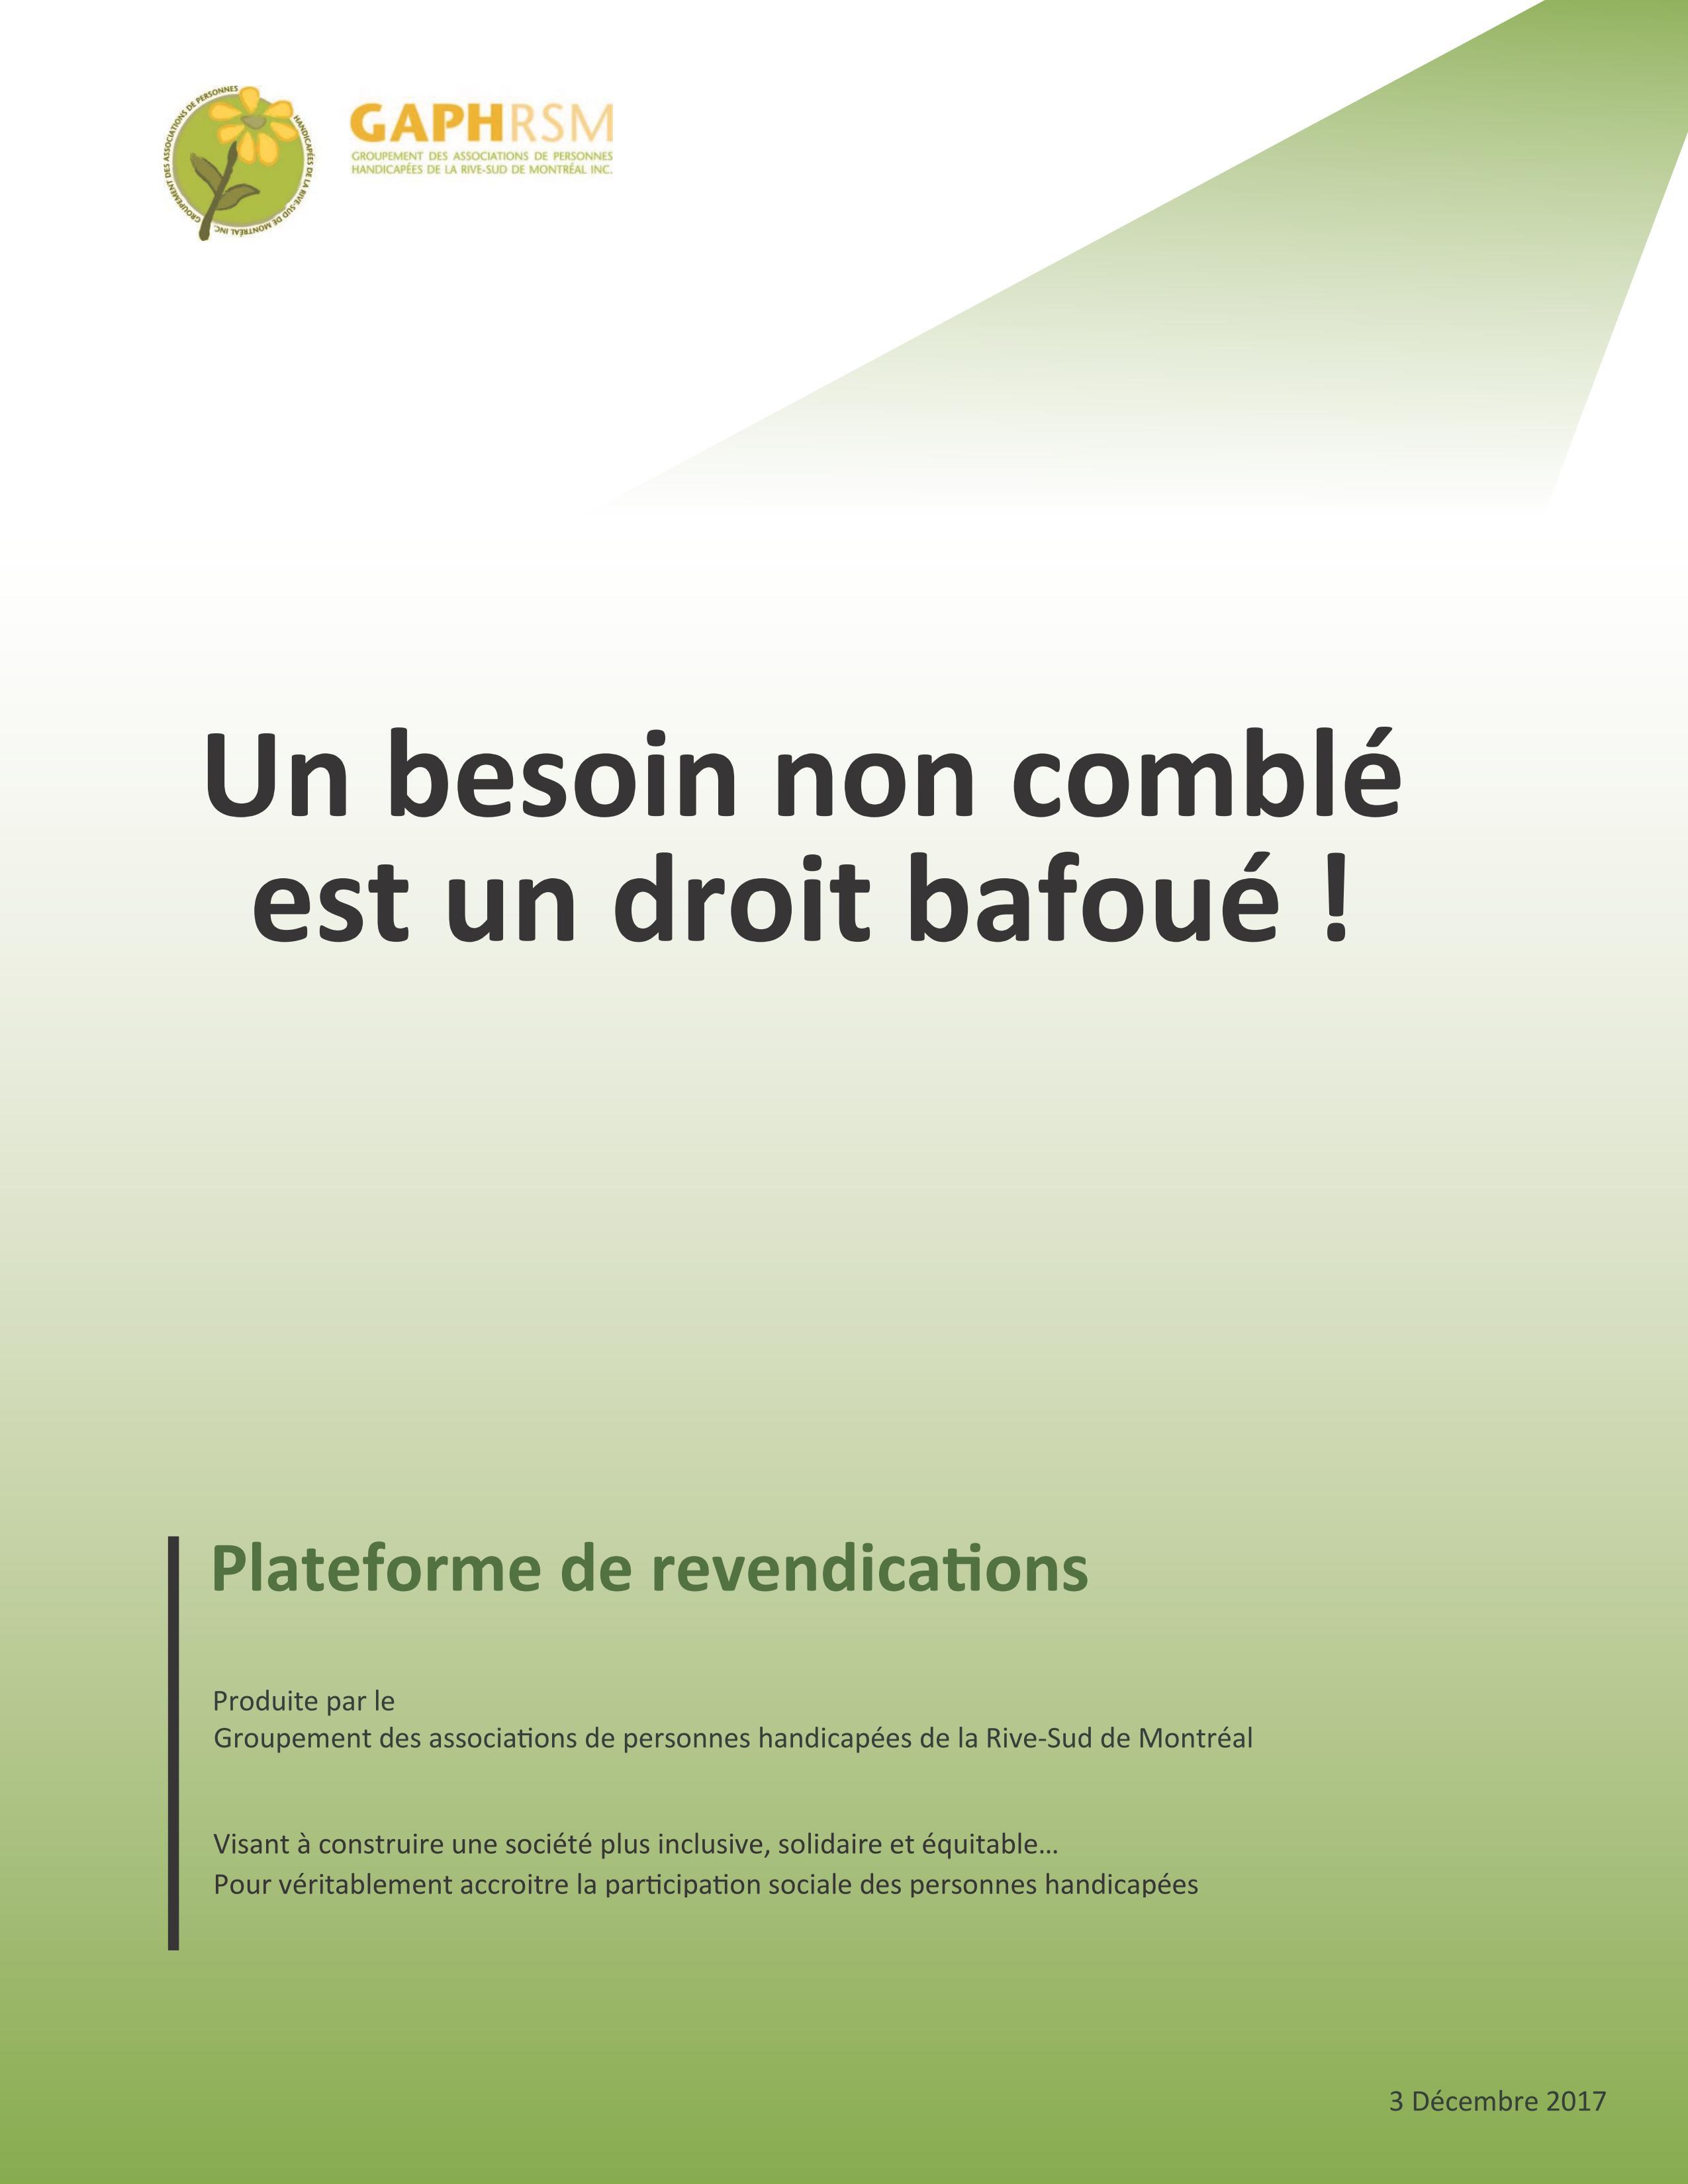 UN BESOIN NON COMBLÉ EST UN DROIT BAFOUÉ ! PLATEFORME DE REVENDICATIONS